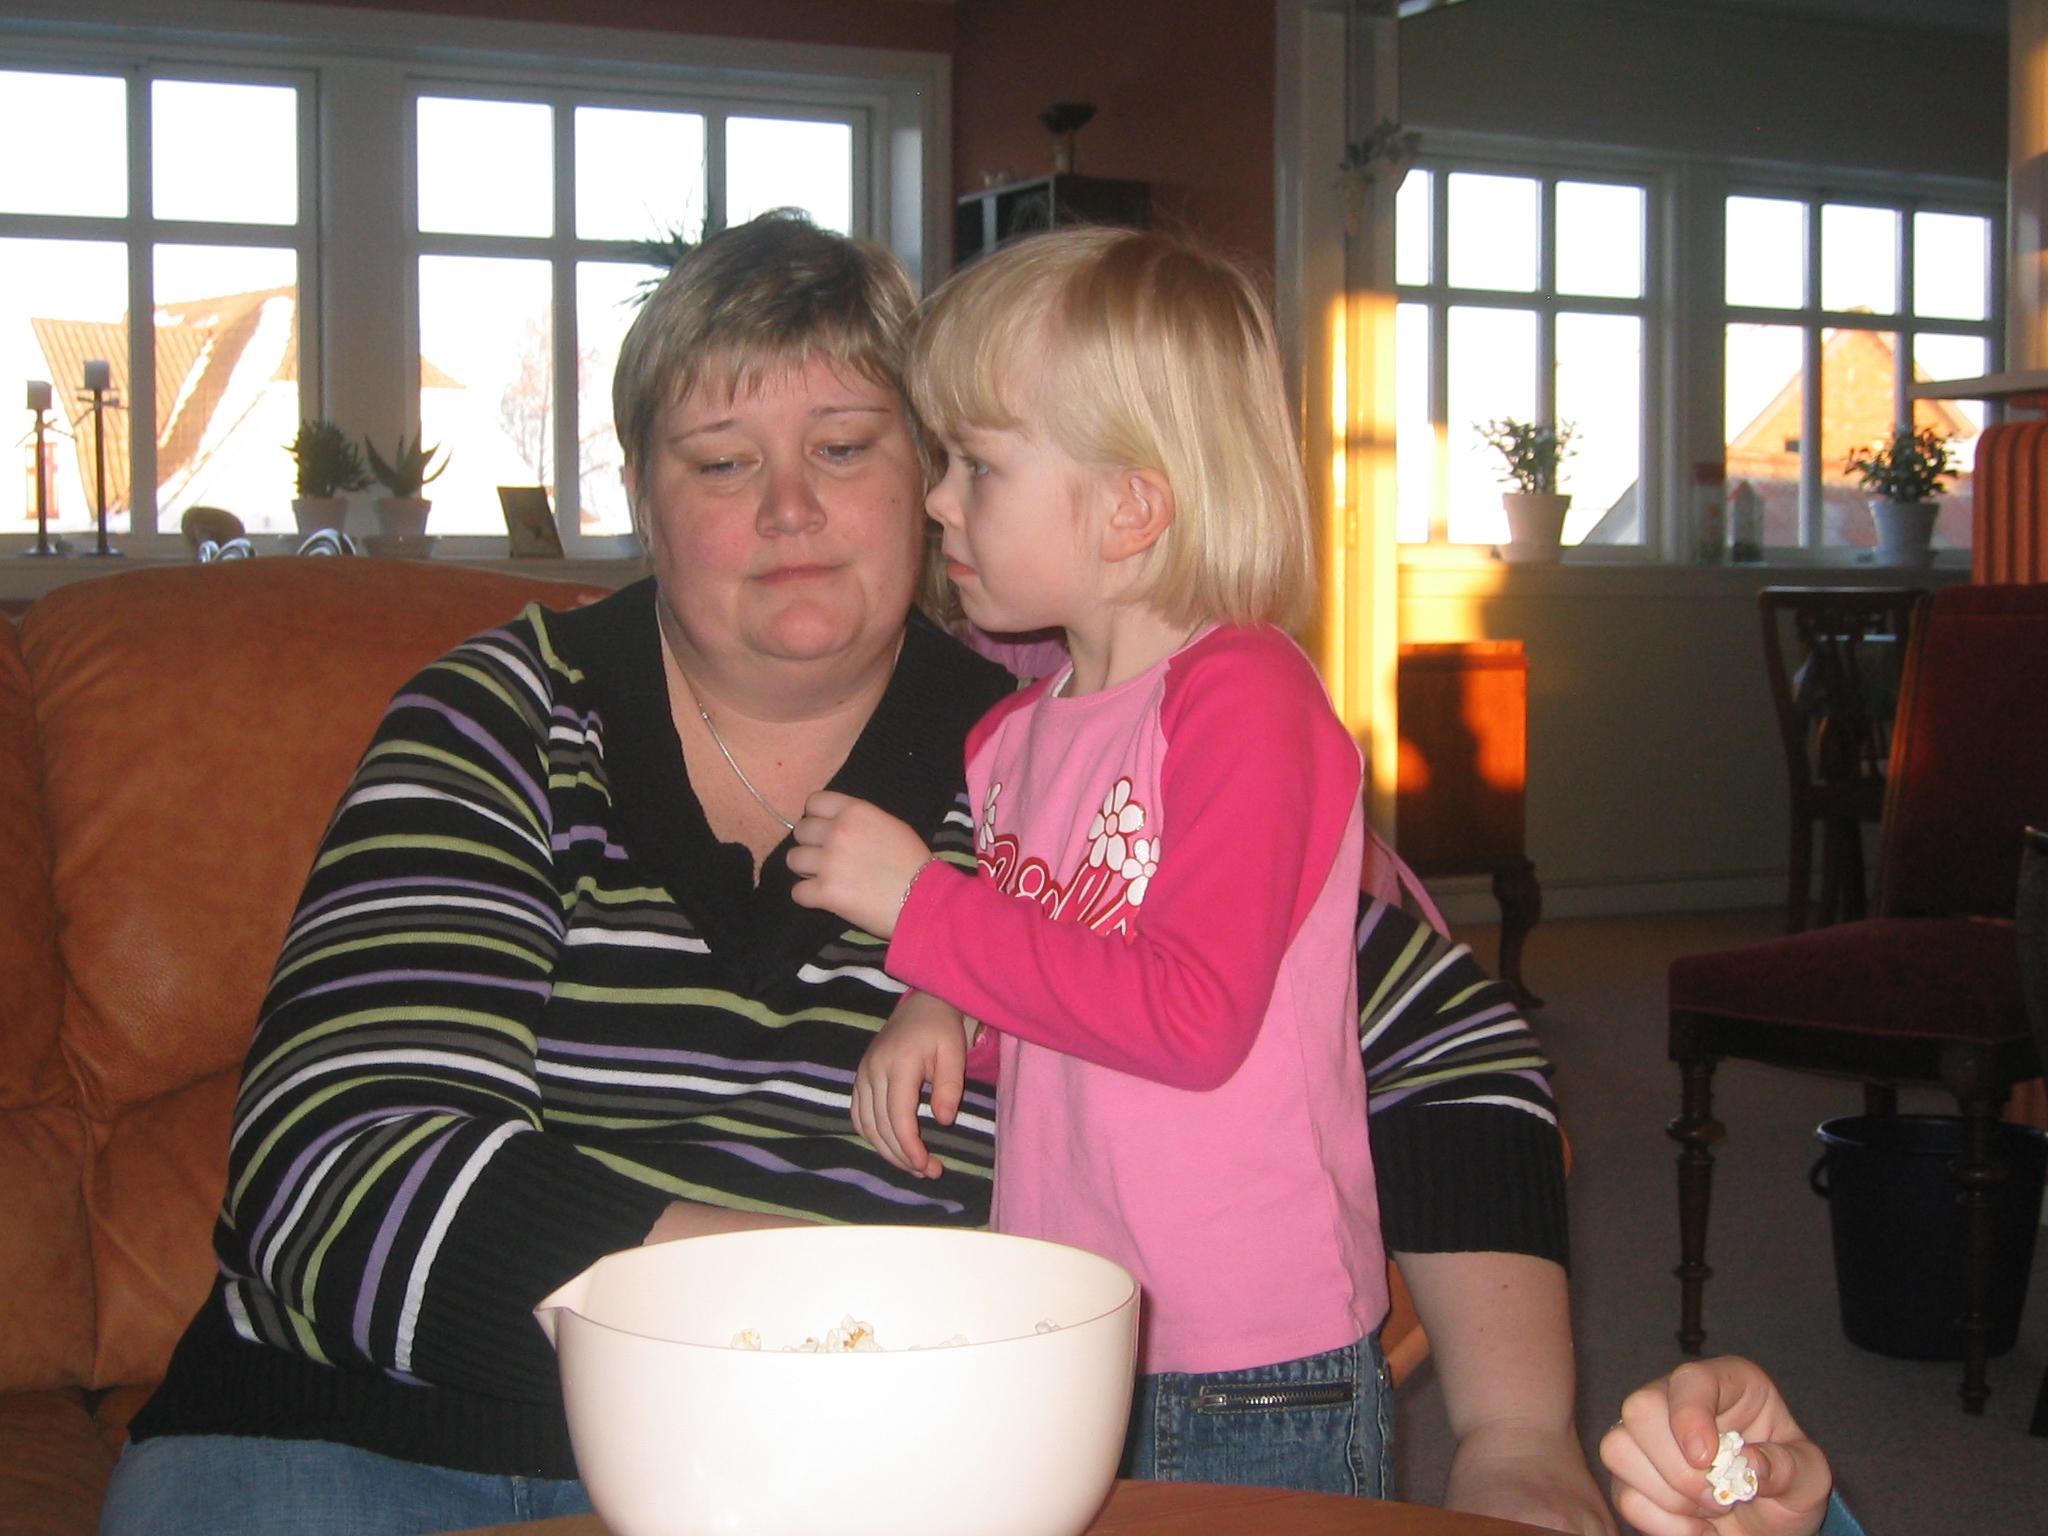 IMG_6989 FAMILIEN KRAGH PÅ BESØG 29-01-06 (14)